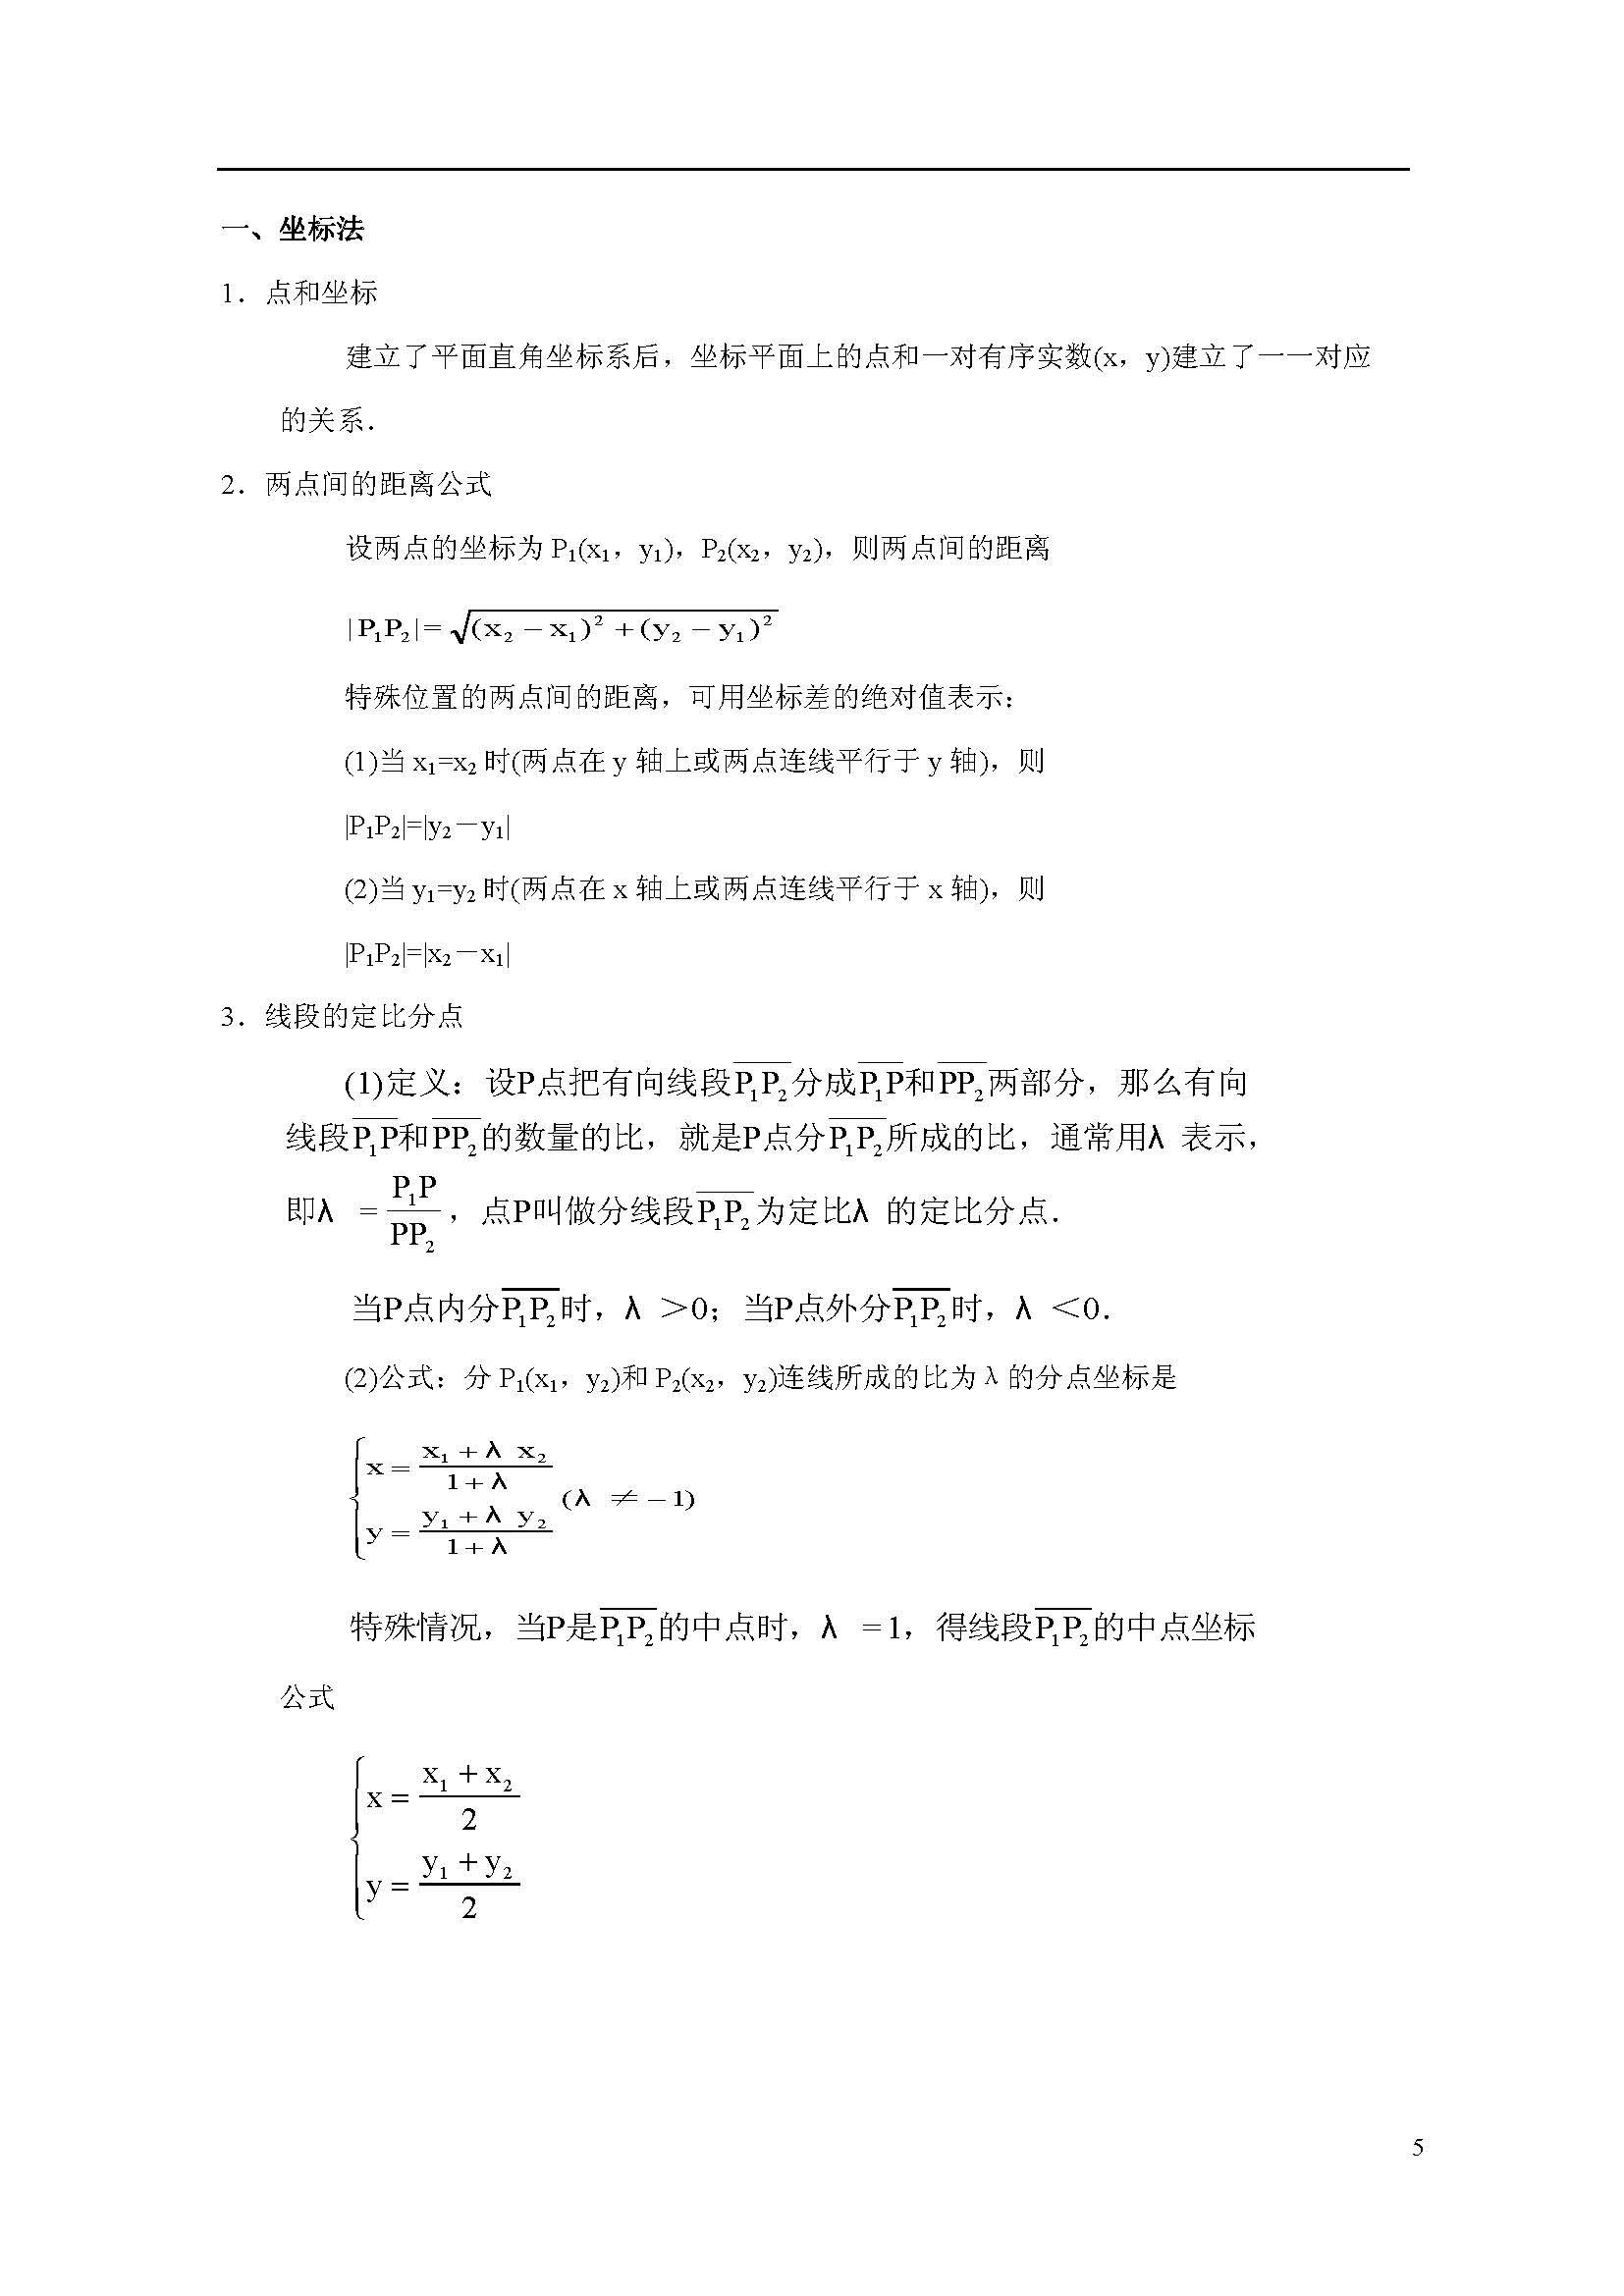 高二数学上册知识点总结:坐标法